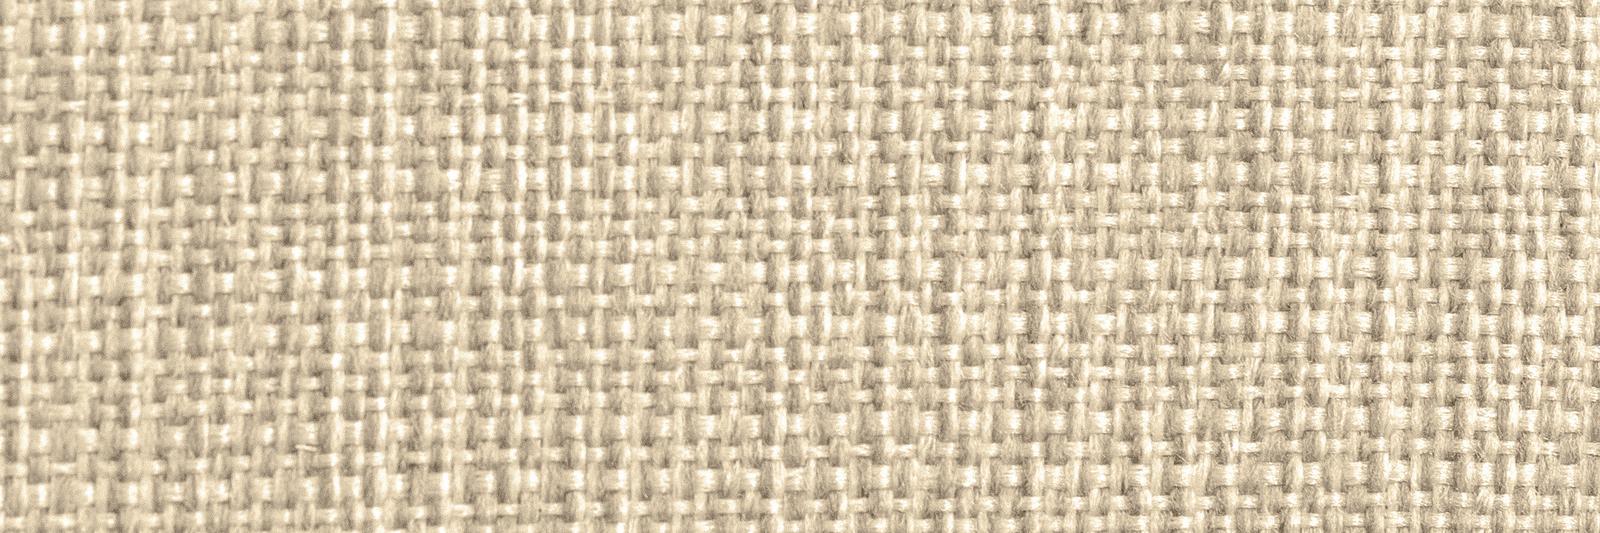 Кресло тканевое Атланта Madagascar бежевый (Рогожка)